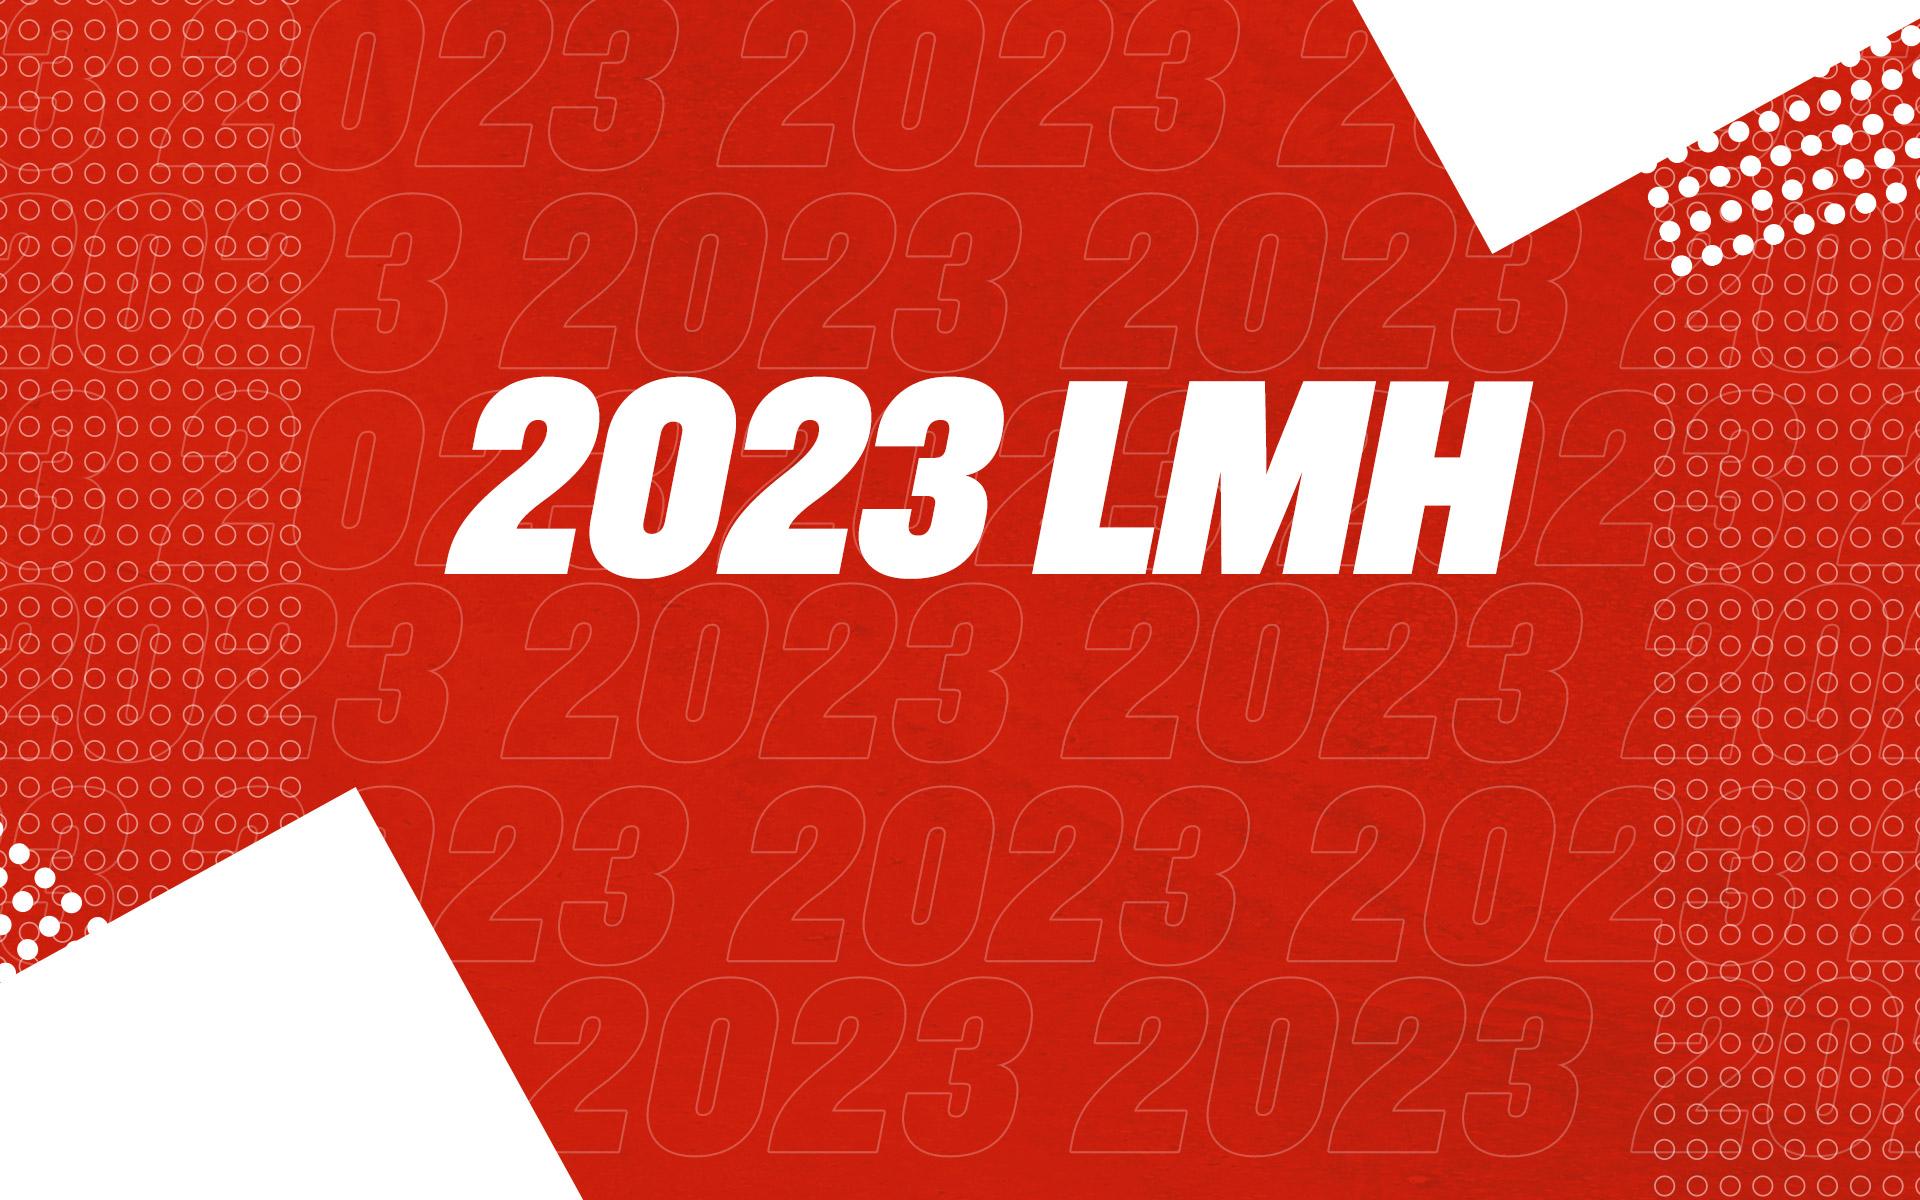 F1 - Ferrari confirme son retour en WEC en 2023 en catégorie LMH